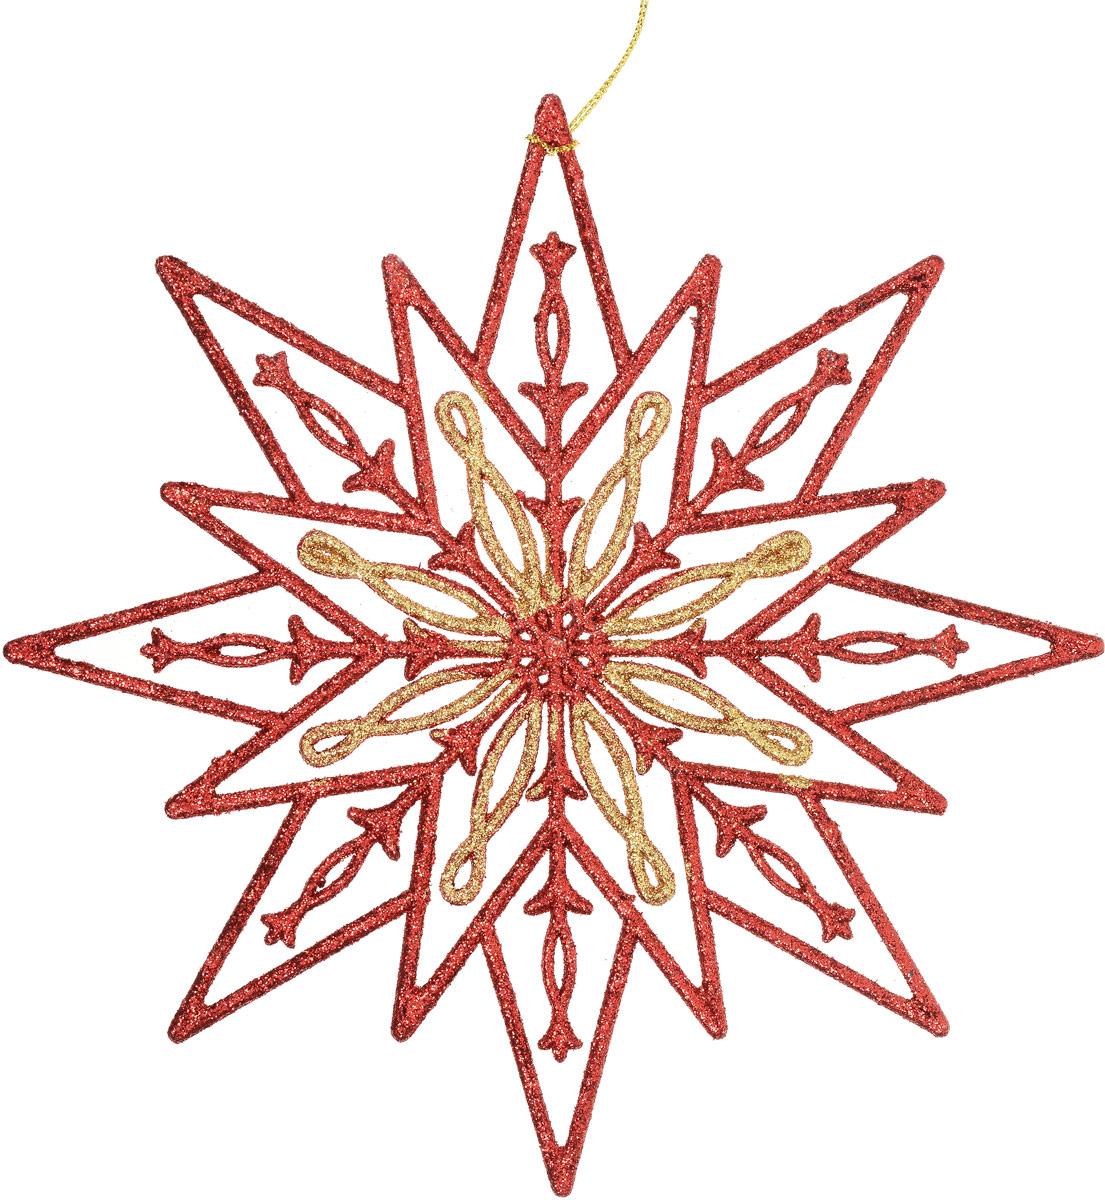 Украшение новогоднее подвесное Magic Time Снежинка золотая с красным75105Новогоднее подвесноеукрашение Magic Time Снежинка золотая с красным отлично подойдет для декорации новогодней ели. Игрушка изготовлена из полипропилена и оформлена блестками. Создайте в своем доме атмосферу веселья и радости, украшая всей семьей новогоднюю елку нарядными игрушками, которые будут из года в год накапливать теплоту воспоминаний. Размеры украшения: 24 х 0,5 24 см